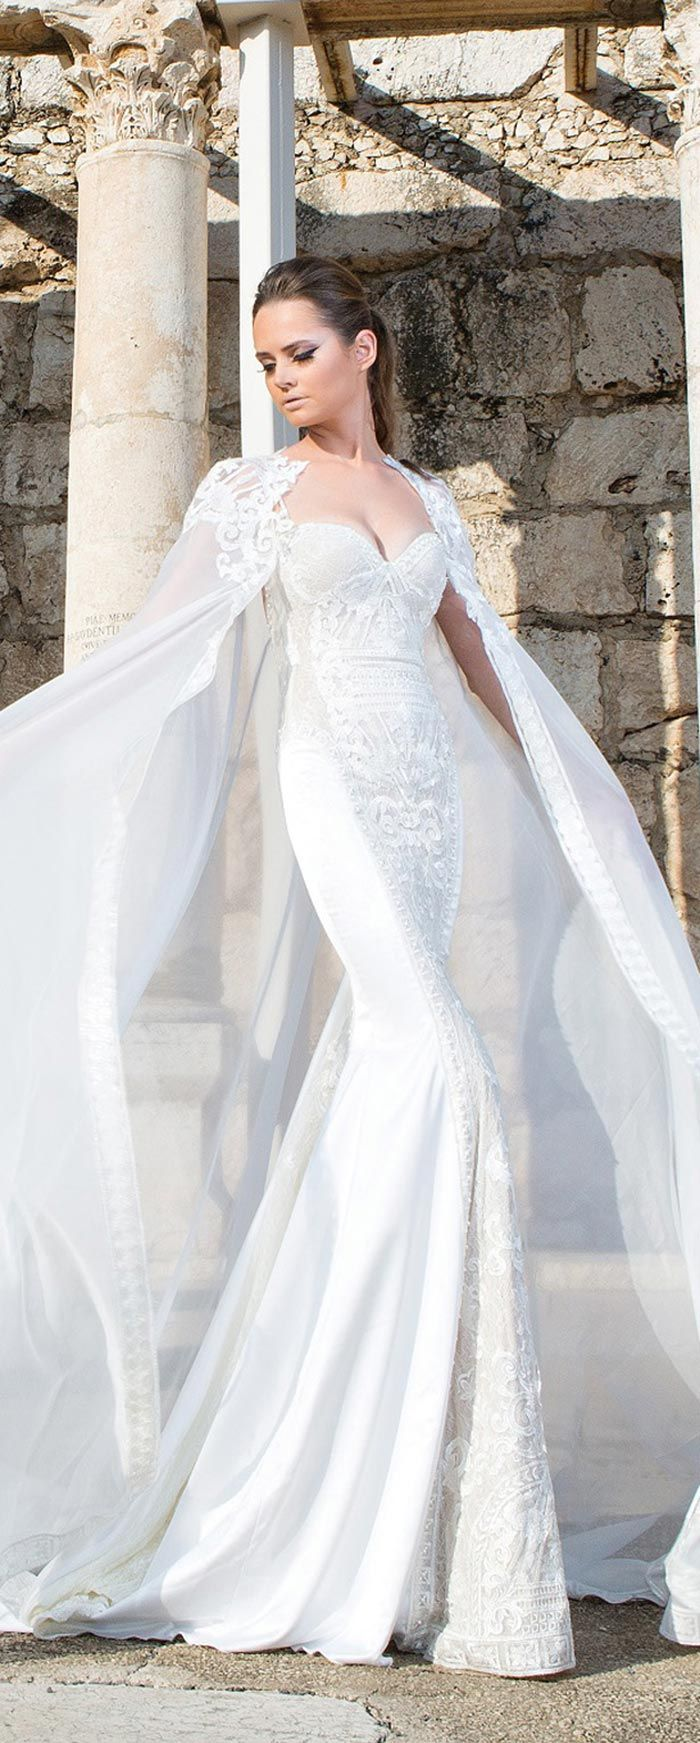 Vestido com capa para casamento                                                                                                                                                                                 Mais